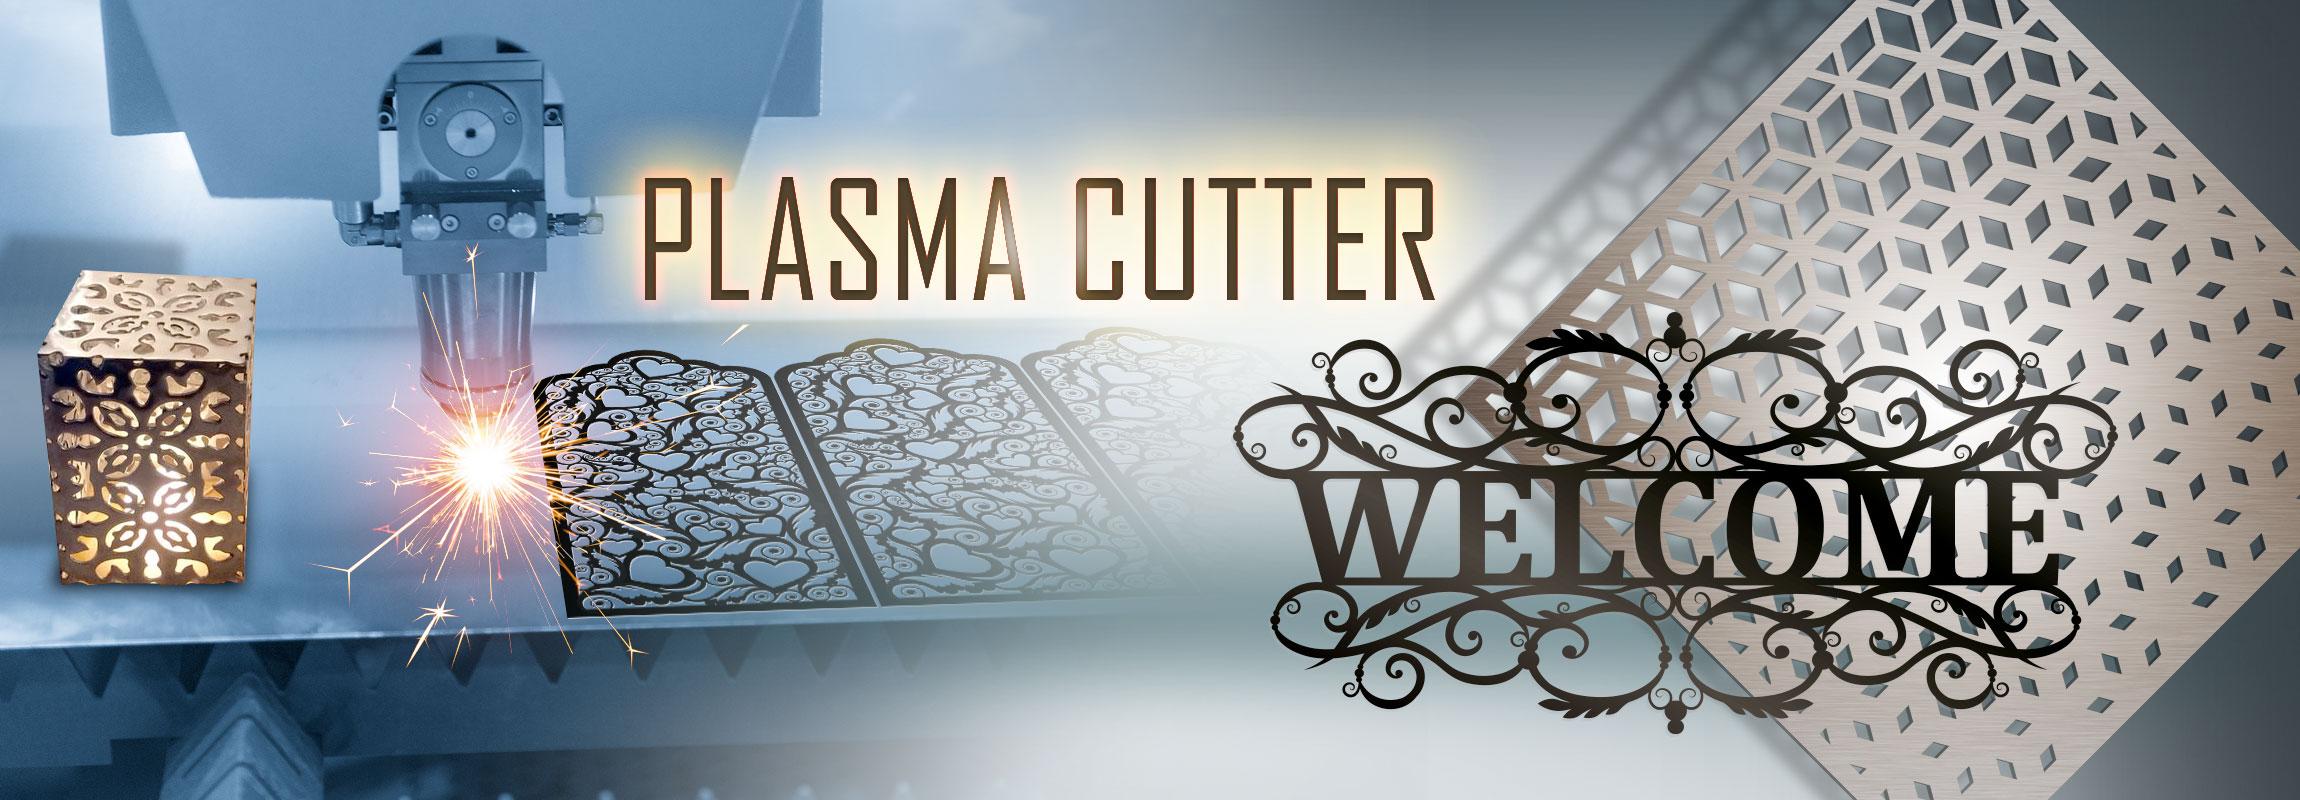 Plasma Cutter Slider